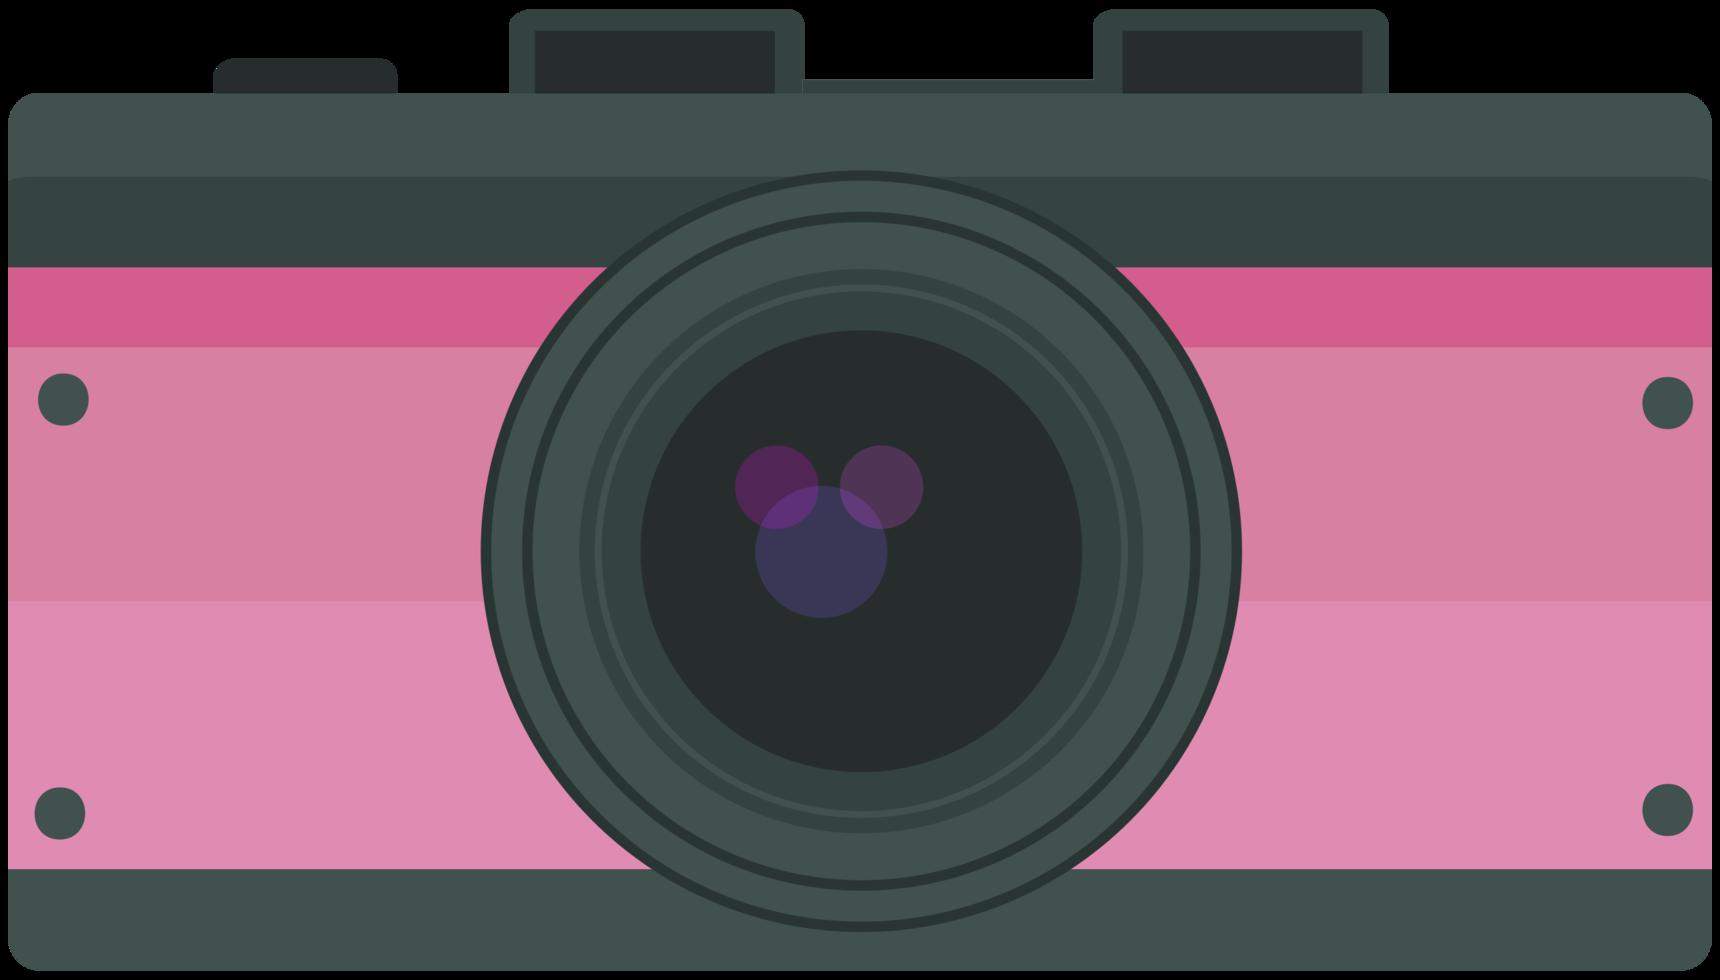 cámara png